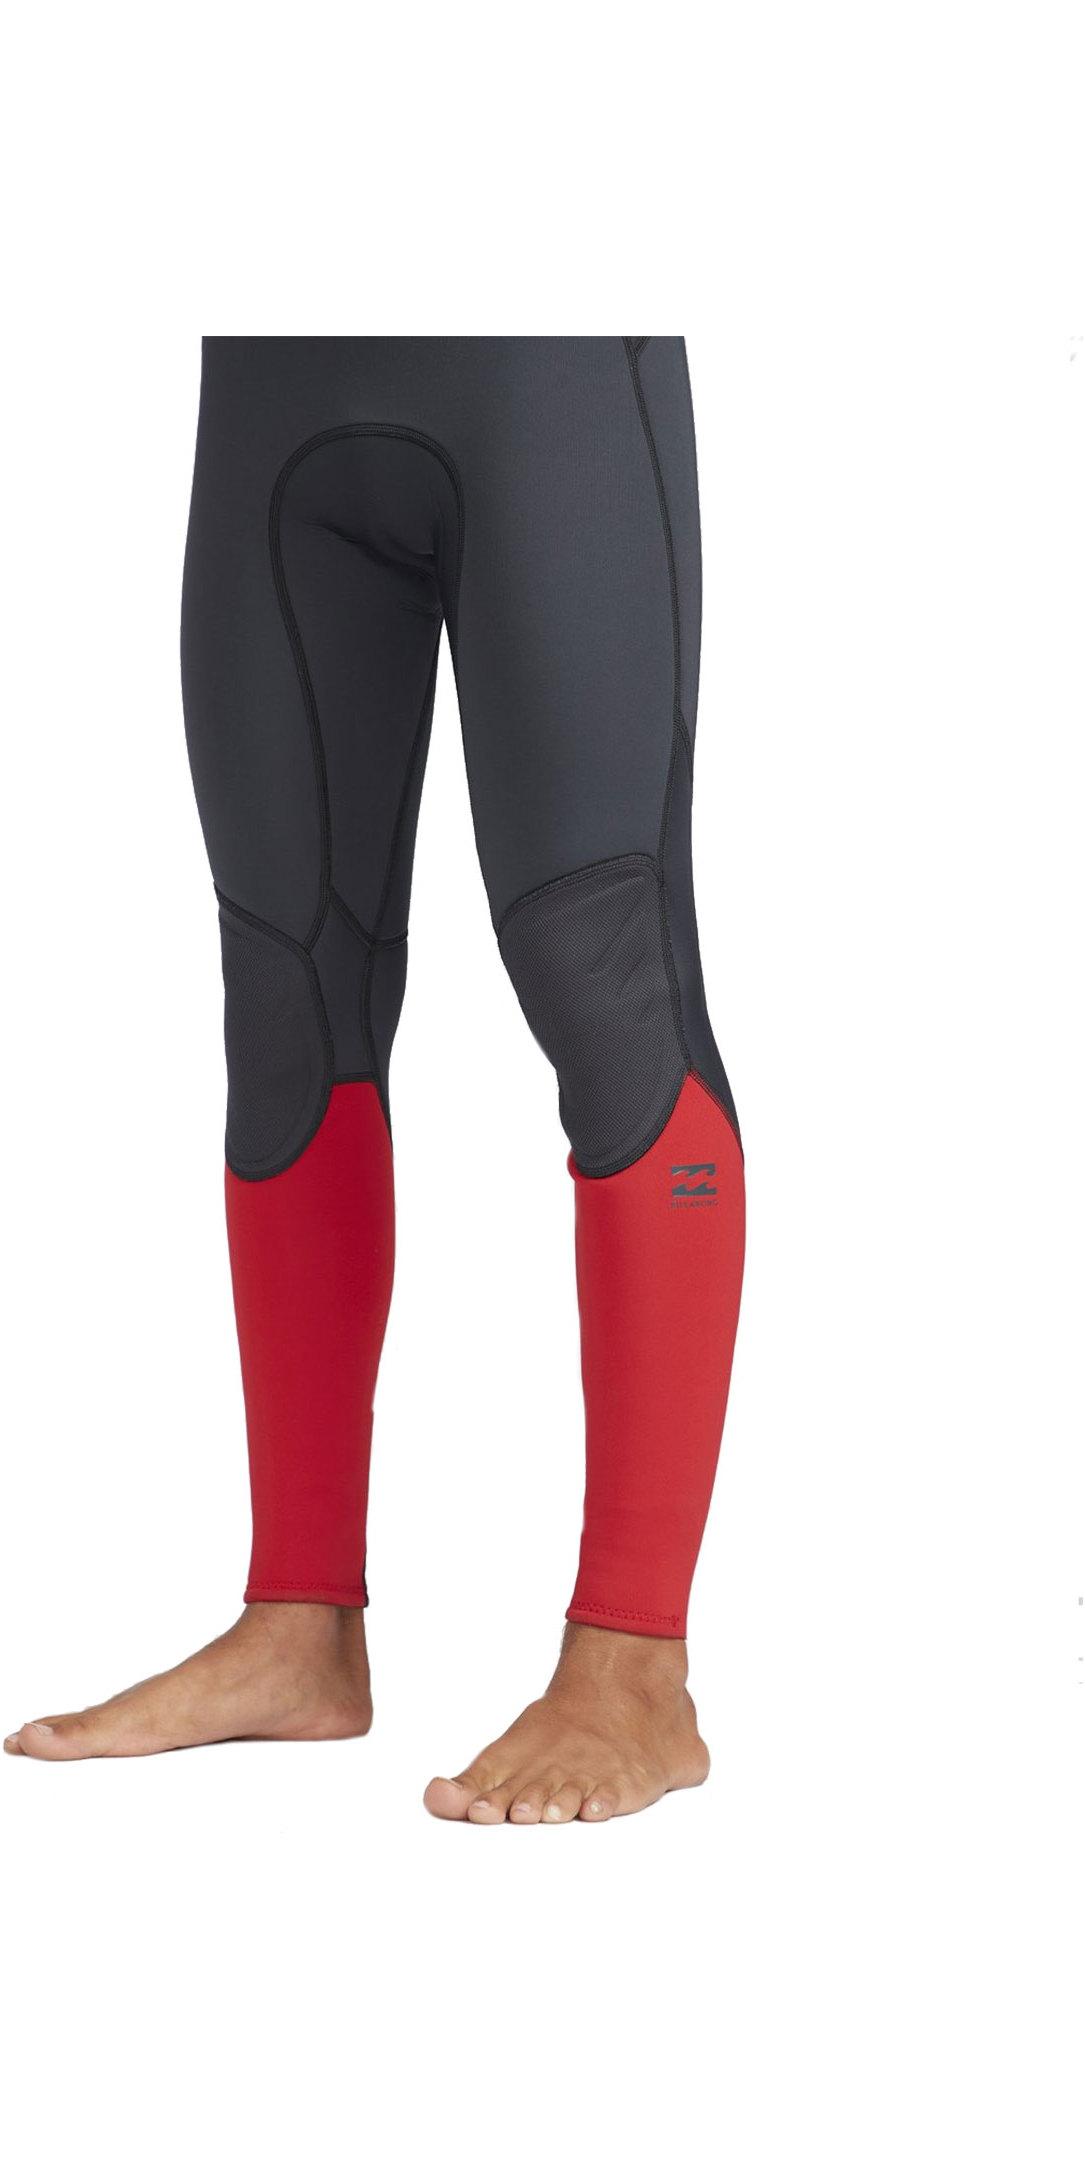 2019 Billabong Mens 3/2mm Absolute Back Zip Flatlock Wetsuit Red N43M33